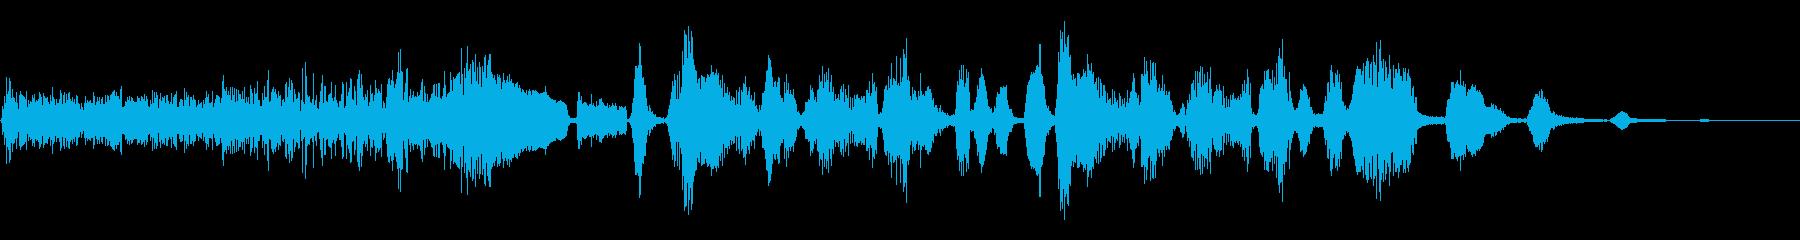 猫と犬の樹皮とヒスの再生済みの波形